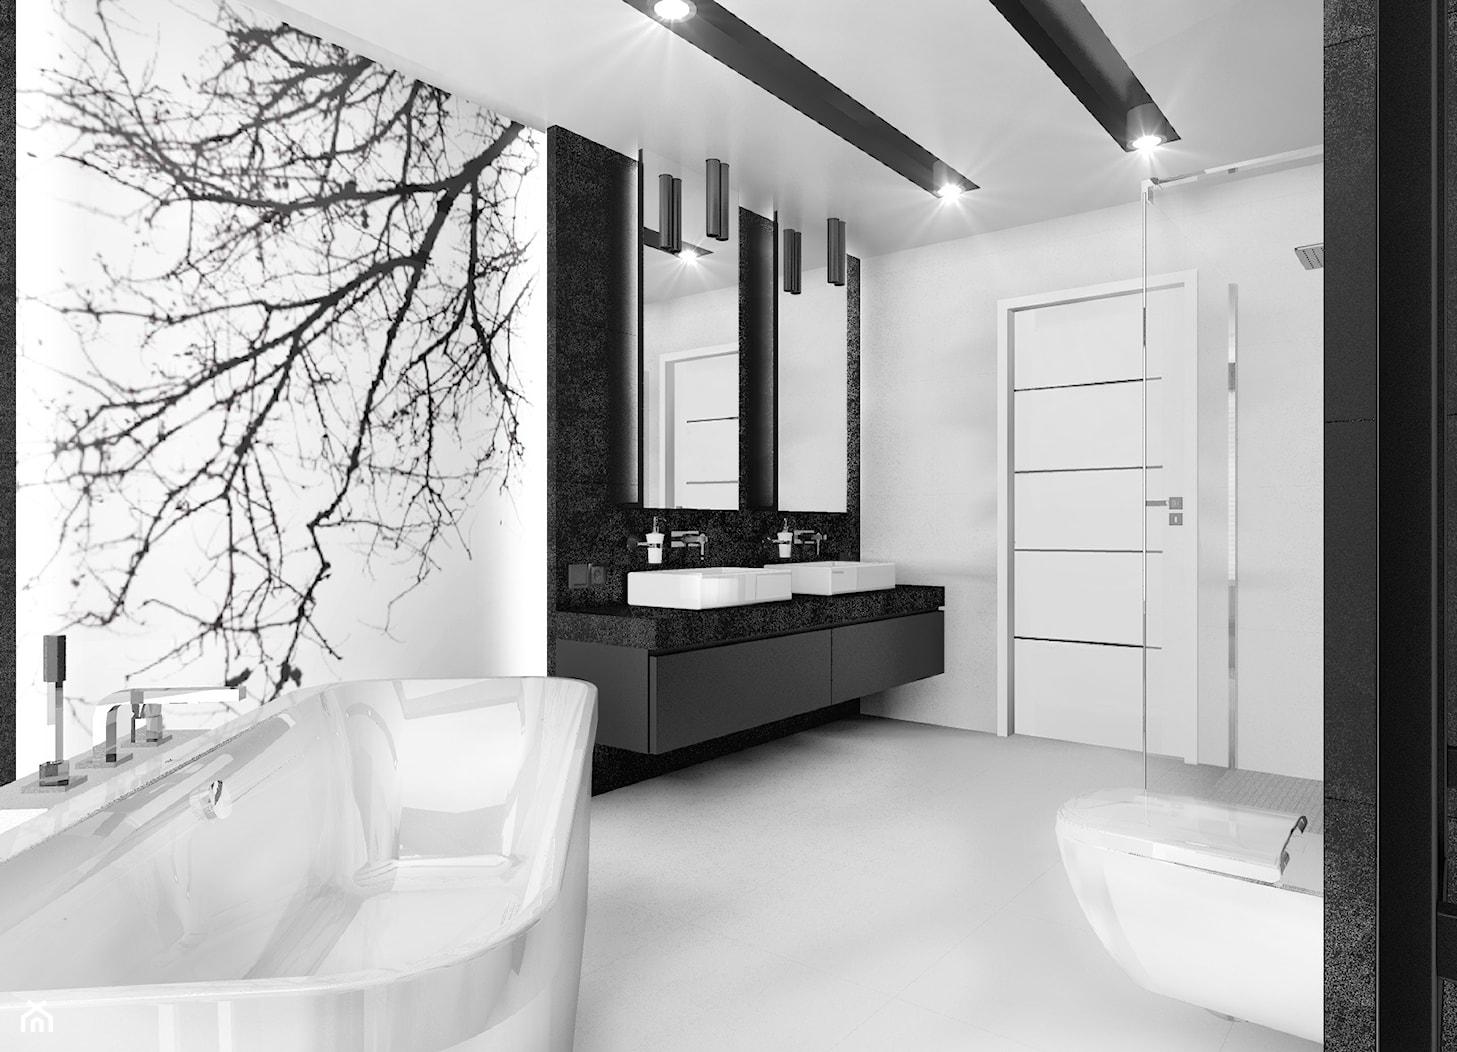 Czarno na białym - Średnia biała łazienka w bloku bez okna, styl minimalistyczny - zdjęcie od Manufaktura Studio grupa projektowa - Homebook